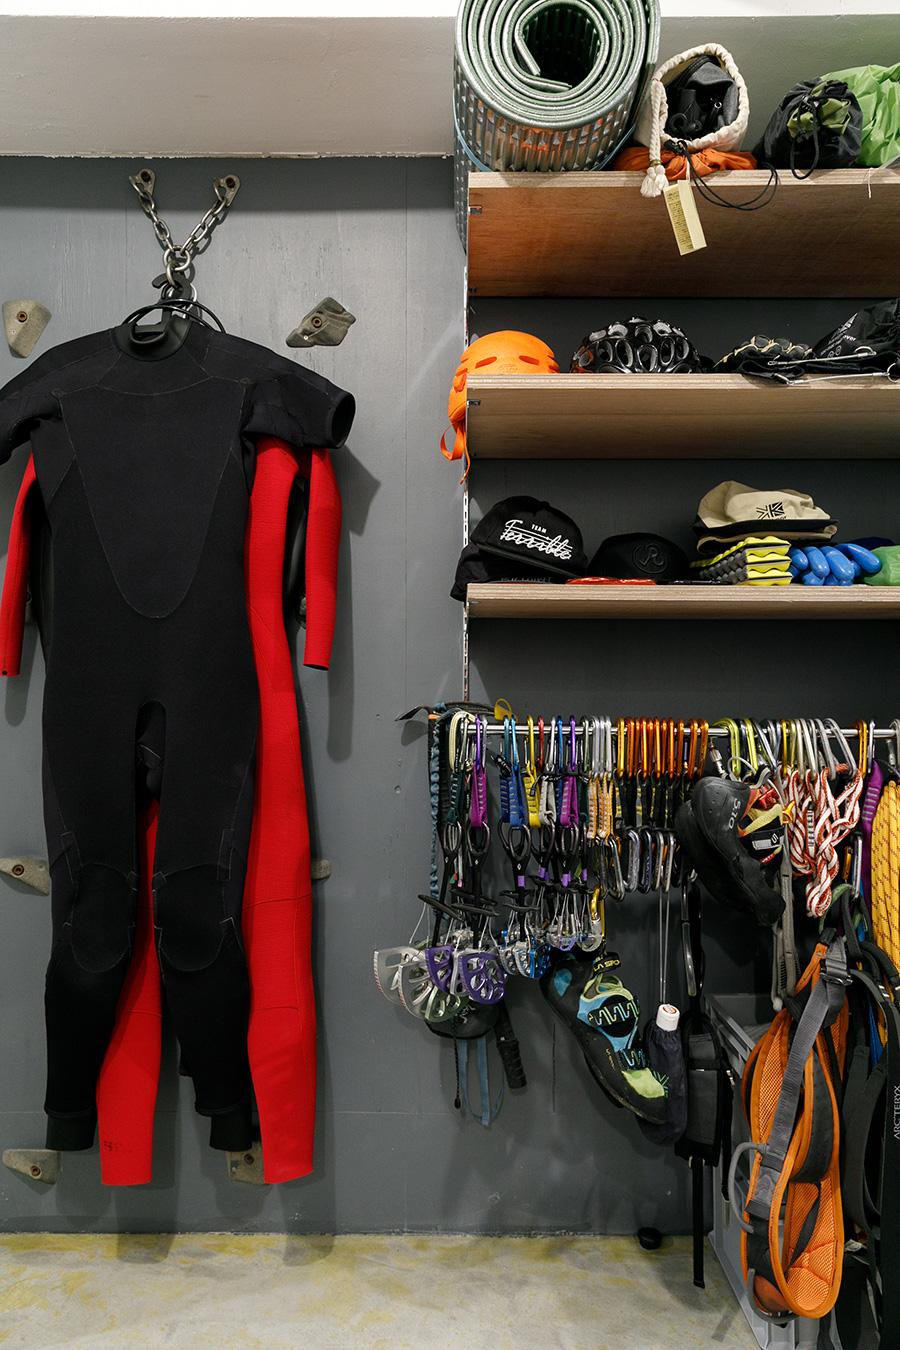 壁にはホールドを付け、クライミングの練習ができるようにした。ウェットスーツをかけているのは、ラッペルステーションというクライミング用品。